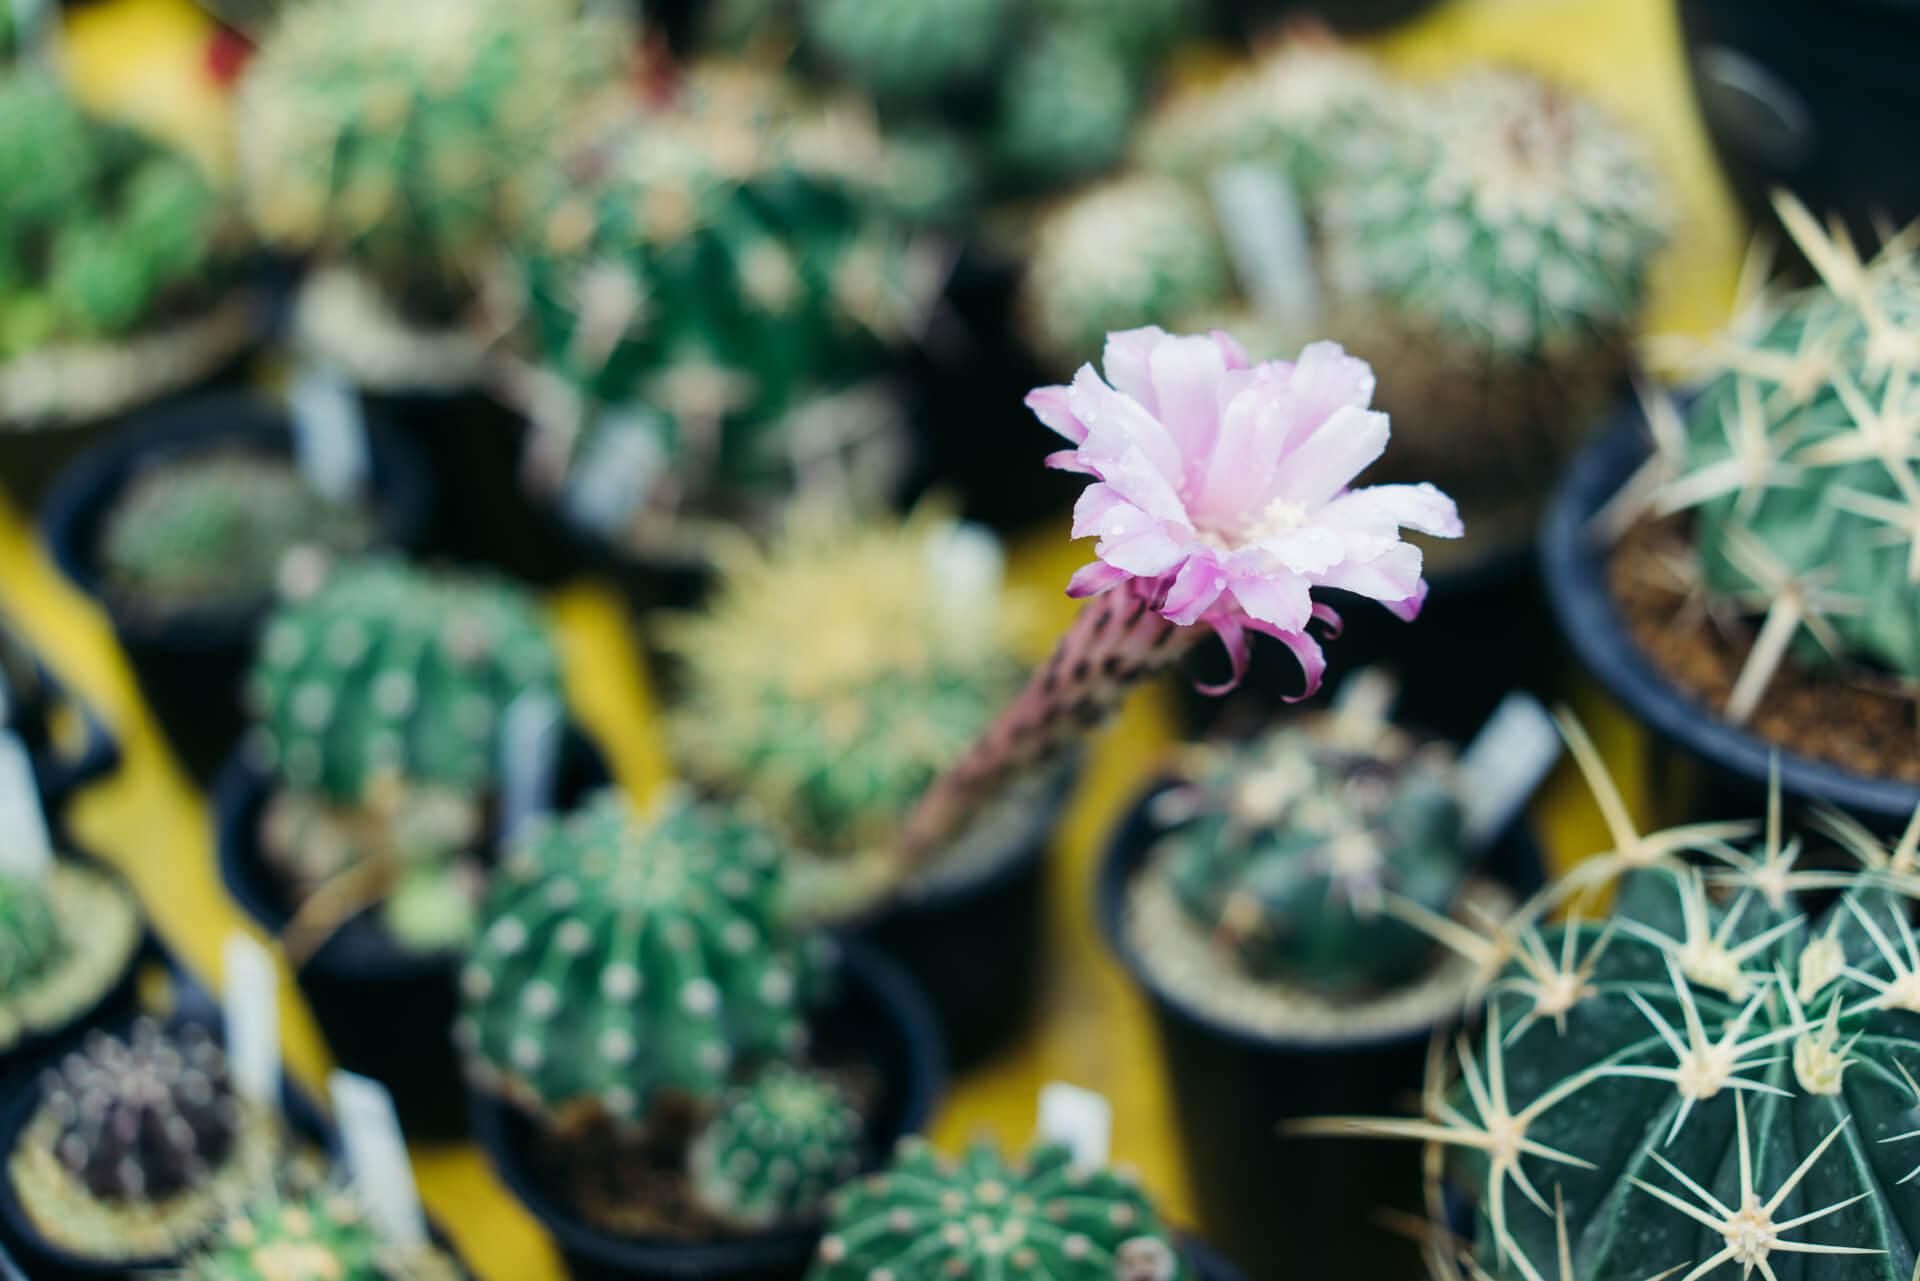 花の形も様々で、どんな花が咲くのかワクワク待つ楽しみもあります。